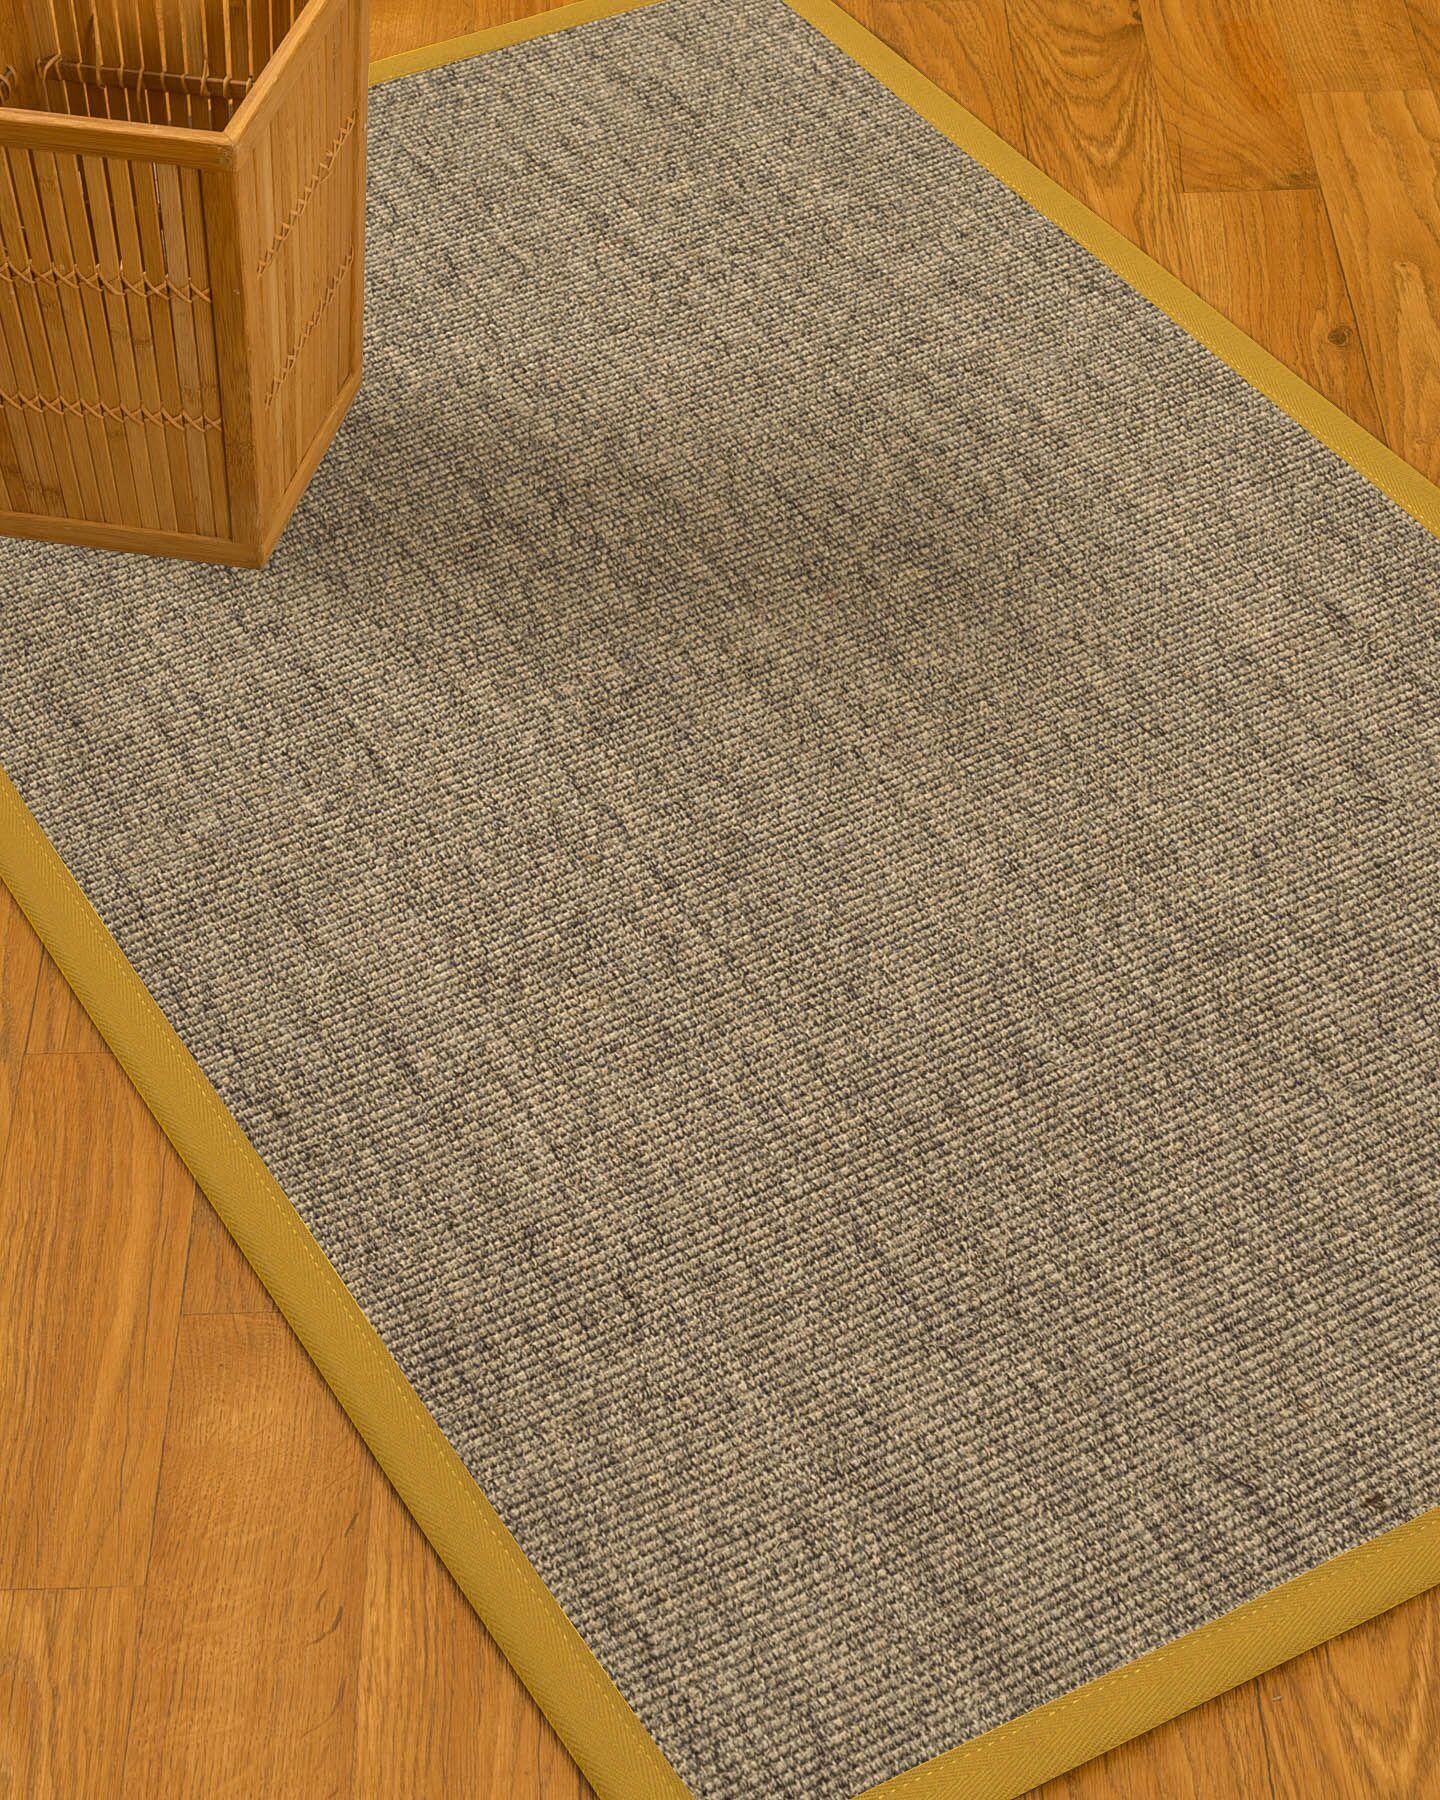 Mahan Border Hand-Woven Gray/Tan Area Rug Rug Size: Rectangle 3' x 5', Rug Pad Included: No